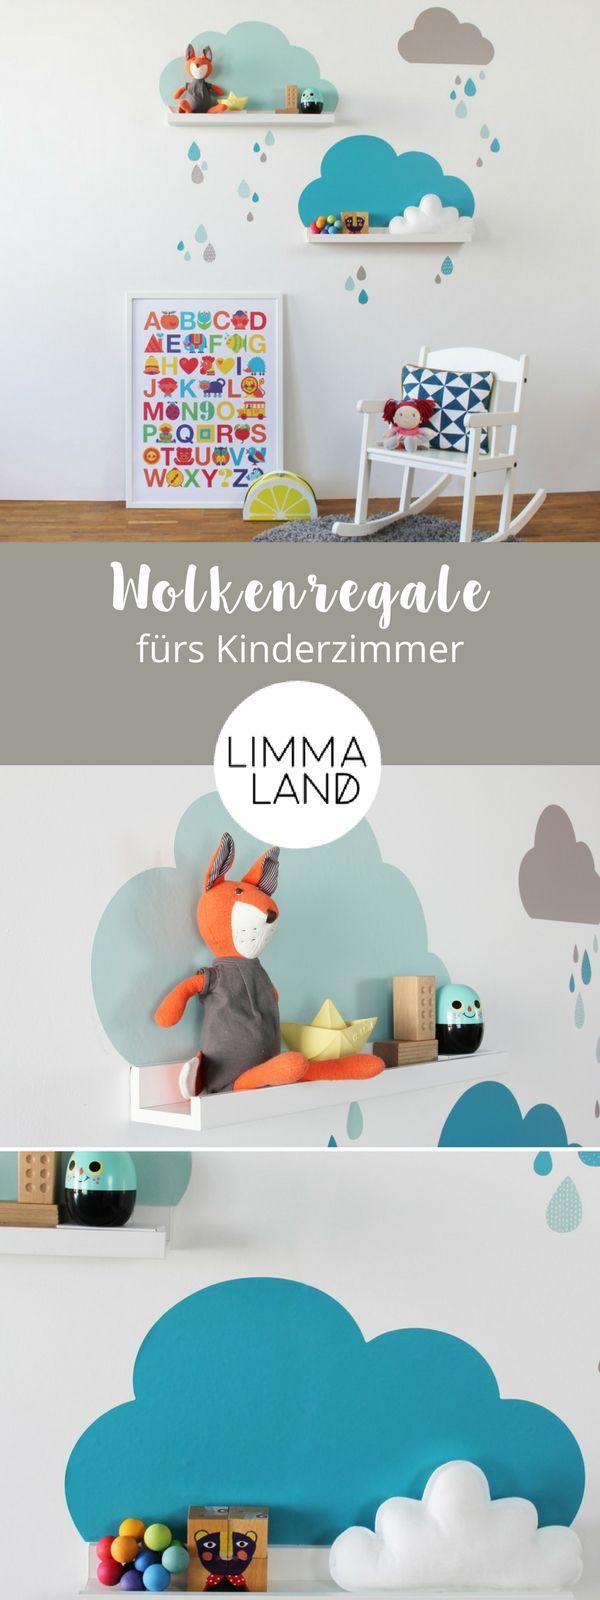 Elegant IKEA Hack f r Kinder Bilderleisten mit Wolken Wandtattoos pimpen und eine tolle Stimmung ins Kinderzimmer zaubern IKEA Hack f r Kinder im stylischen Mint